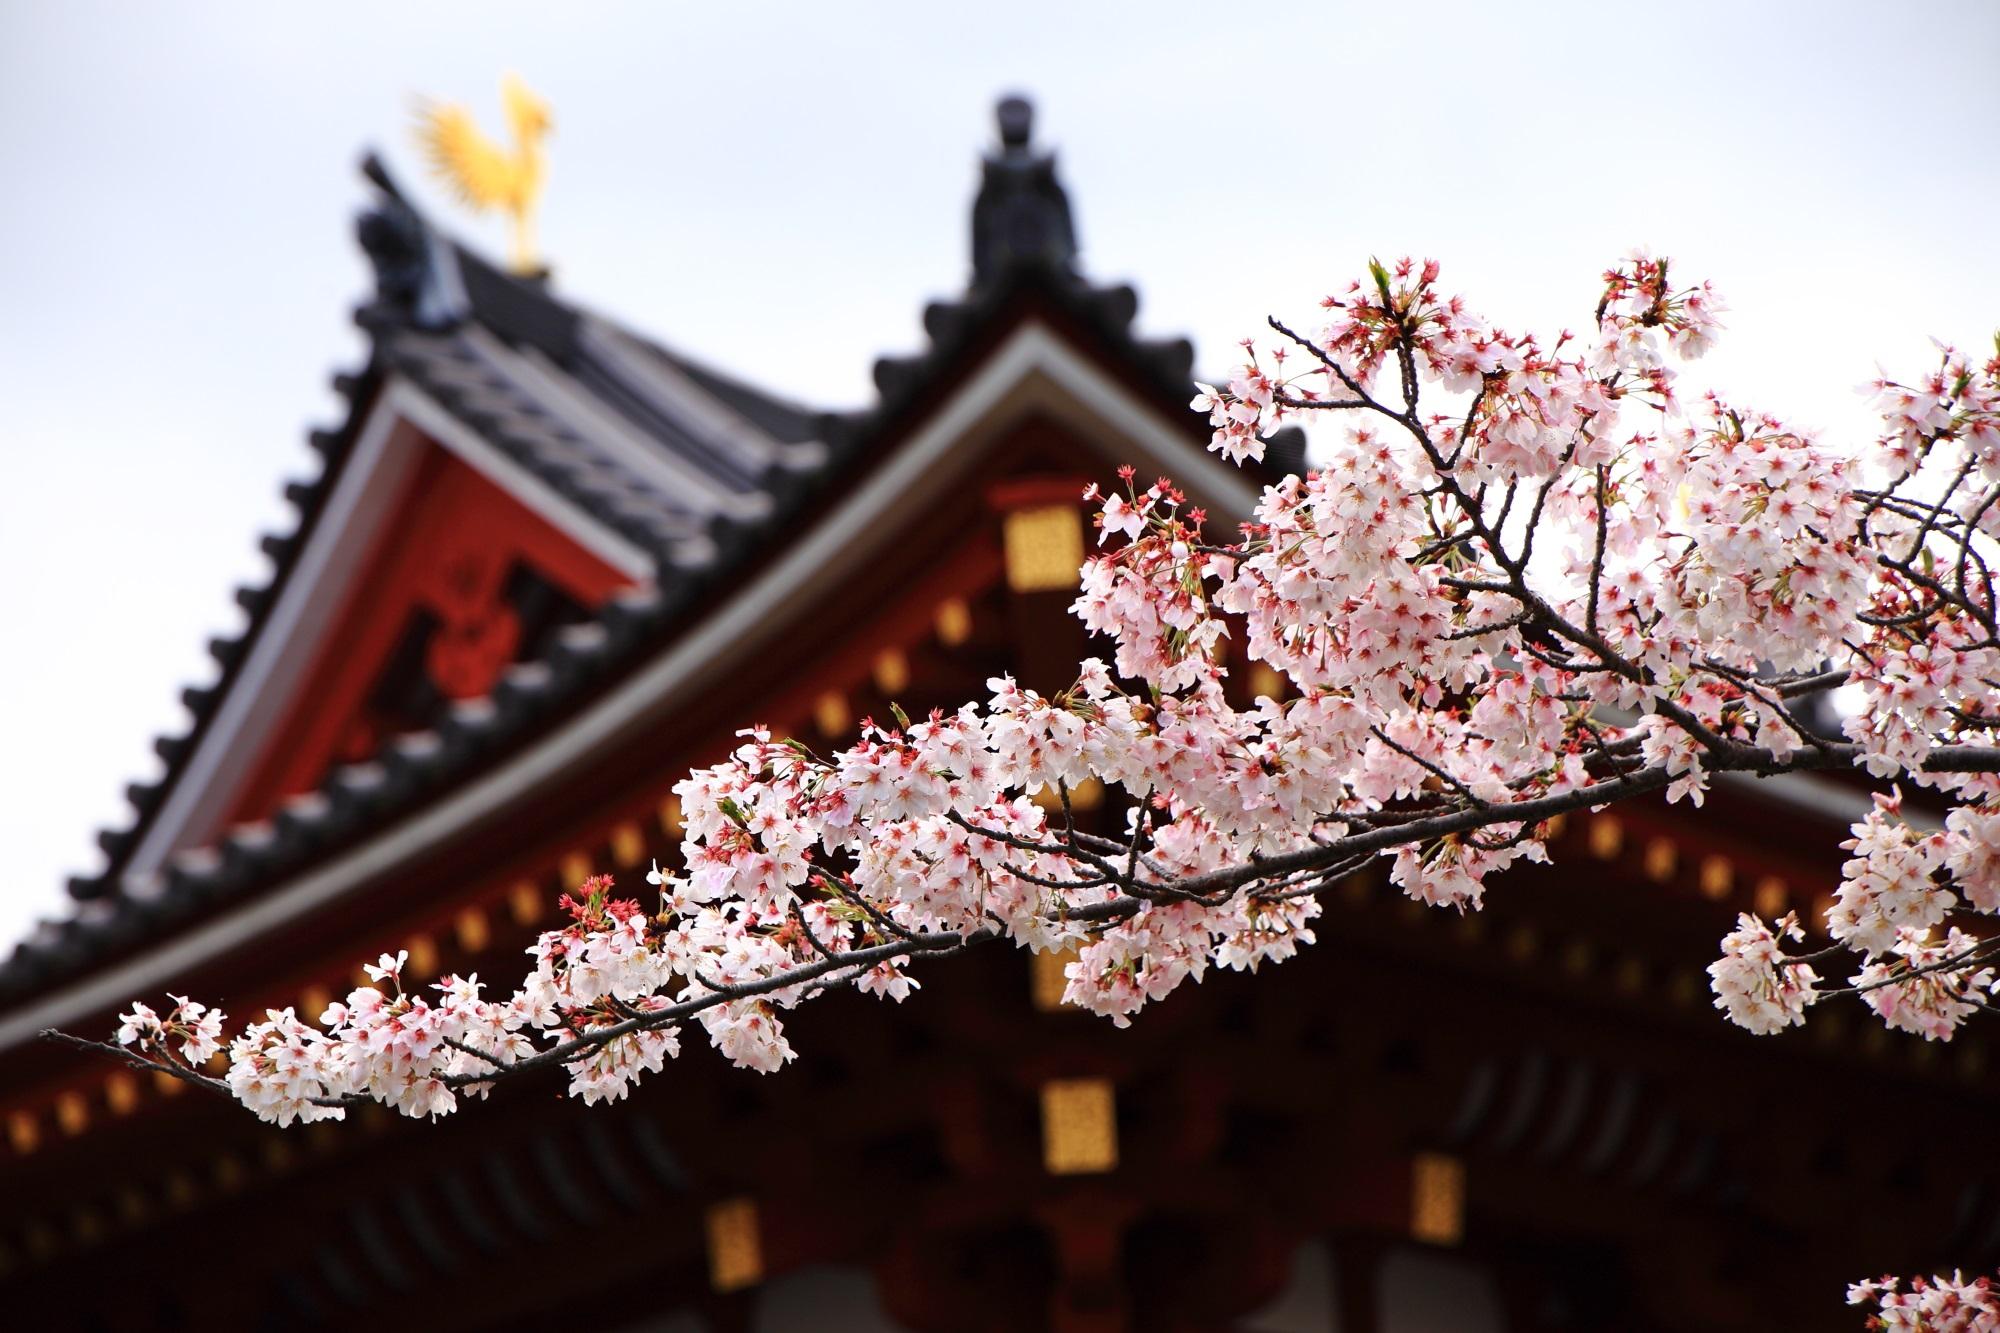 鳳凰堂を背景にしたピンクの桜